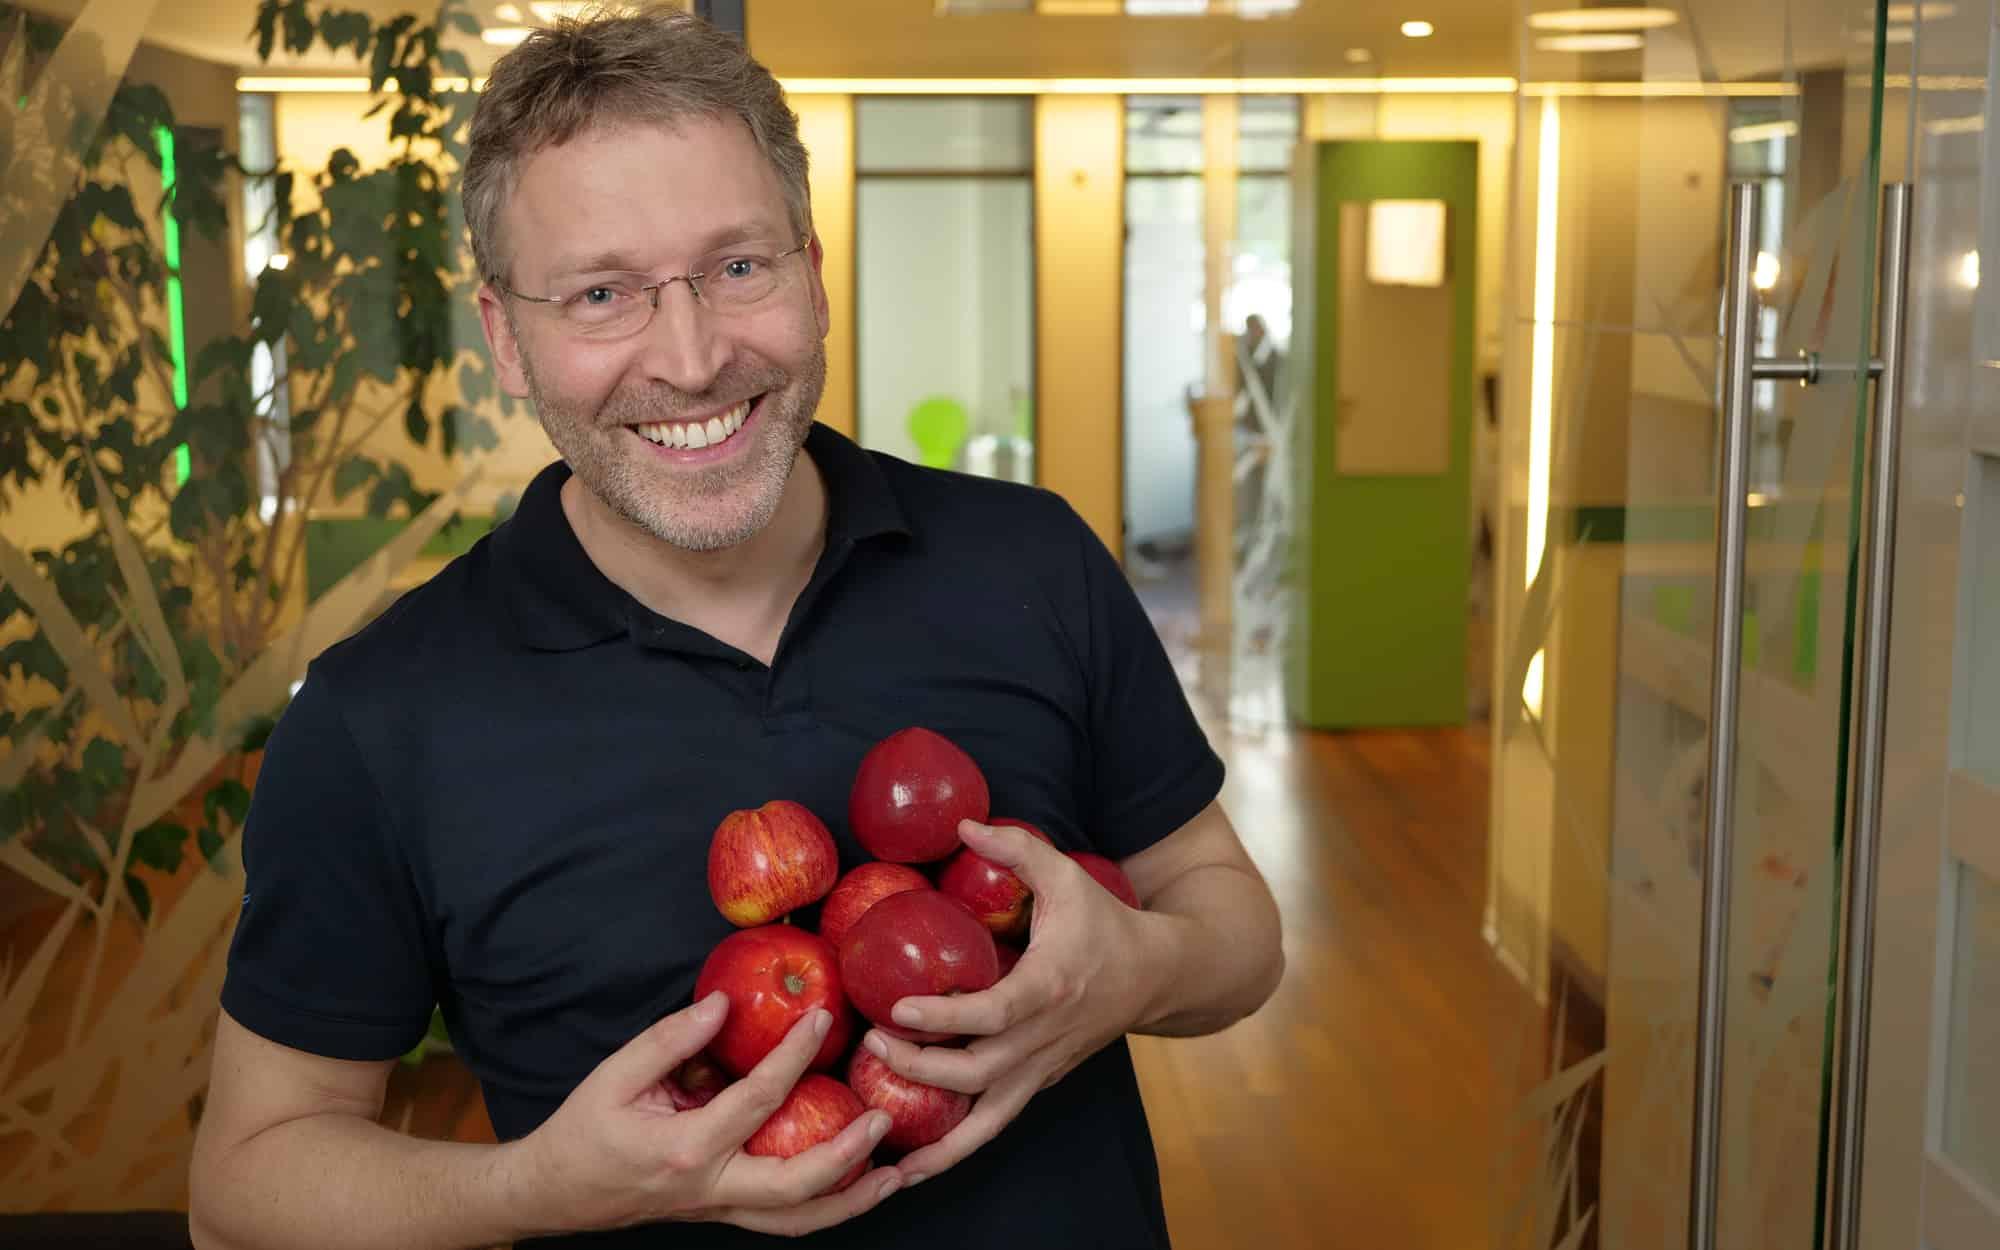 Unser Ziel ist Ihre lebenslange Zahn- und Mundgesundheit Dr. Wolfgang Gottwald lächelnd mit vielen roten Äpfeln in den Händen